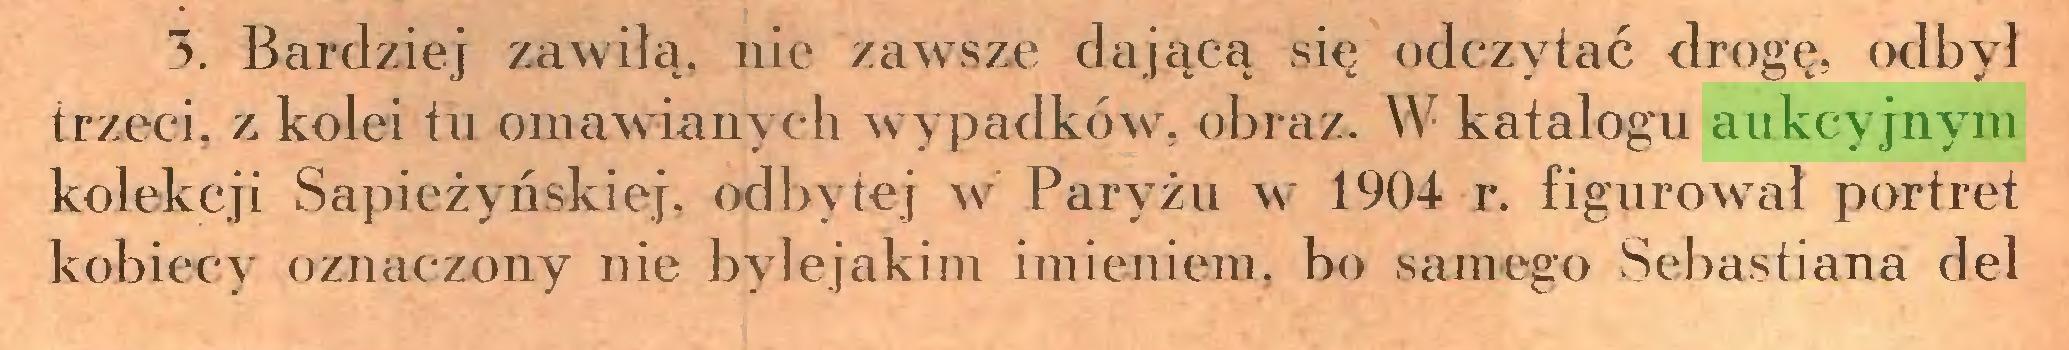 (...) 3. Bardziej zawiłą, nic zawsze dającą się odczytać drogę, <xlbył trzeci, z kolei tu omawianych wypadków, obraz. W katalogu aukcyjnym kolekcji Sapieżyńskiej. odbytej w Paryżu w 1904 r. figurował portret kobiecy oznaczony nie byle jakim imieniem, bo samego Sebastiana del...